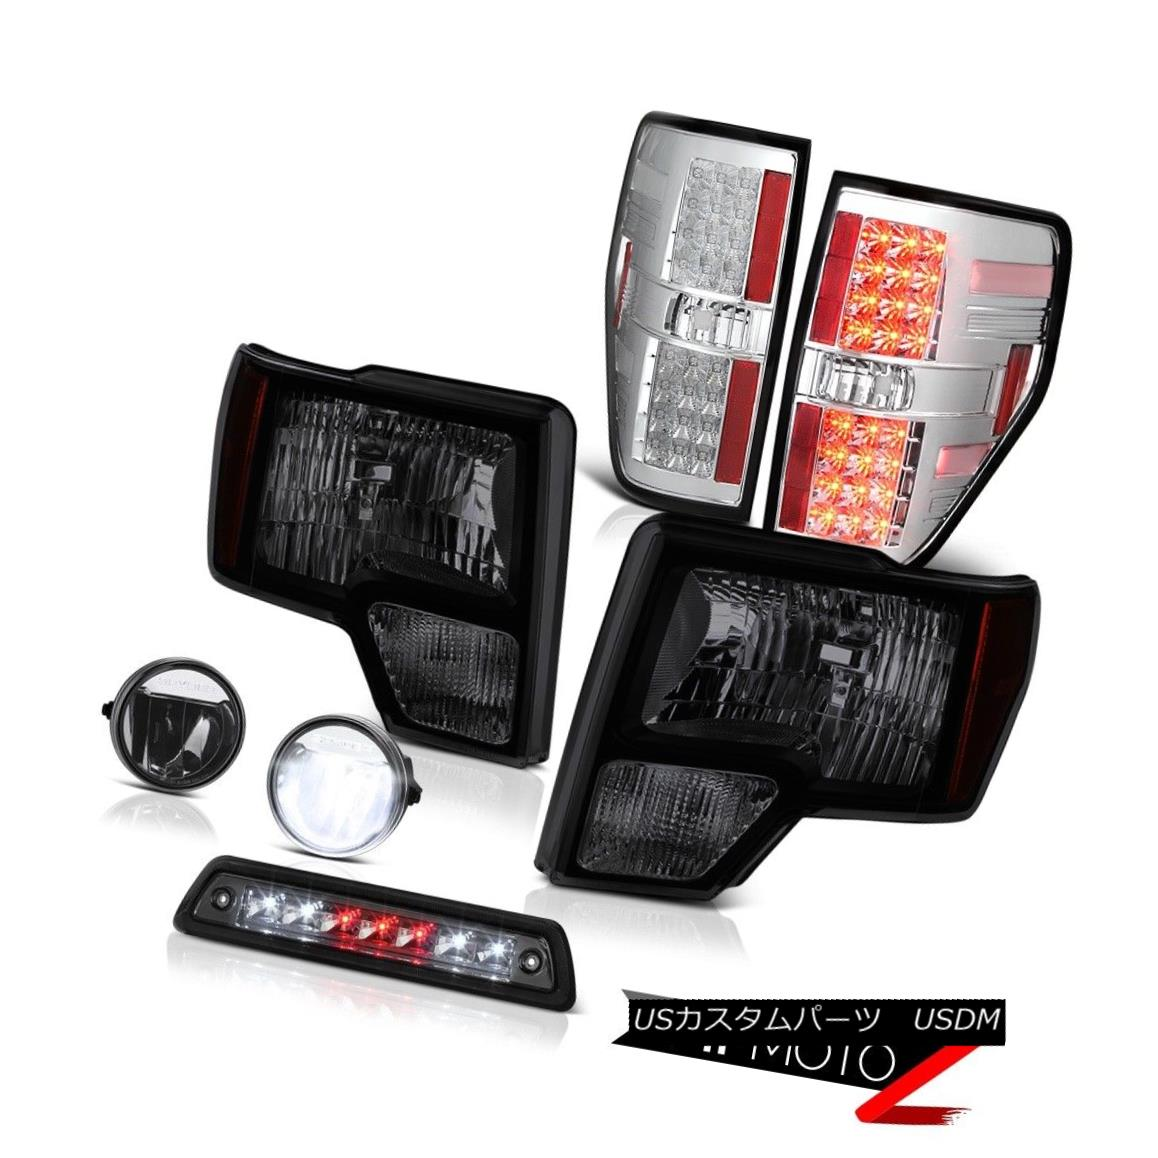 テールライト 09-14 F150 FX4 3rd brake light foglamps tail lights headlamps SMD Factory Style 09-14 F150 FX4第3ブレーキライトフォグライトテールライトヘッドランプSMD Factory Style